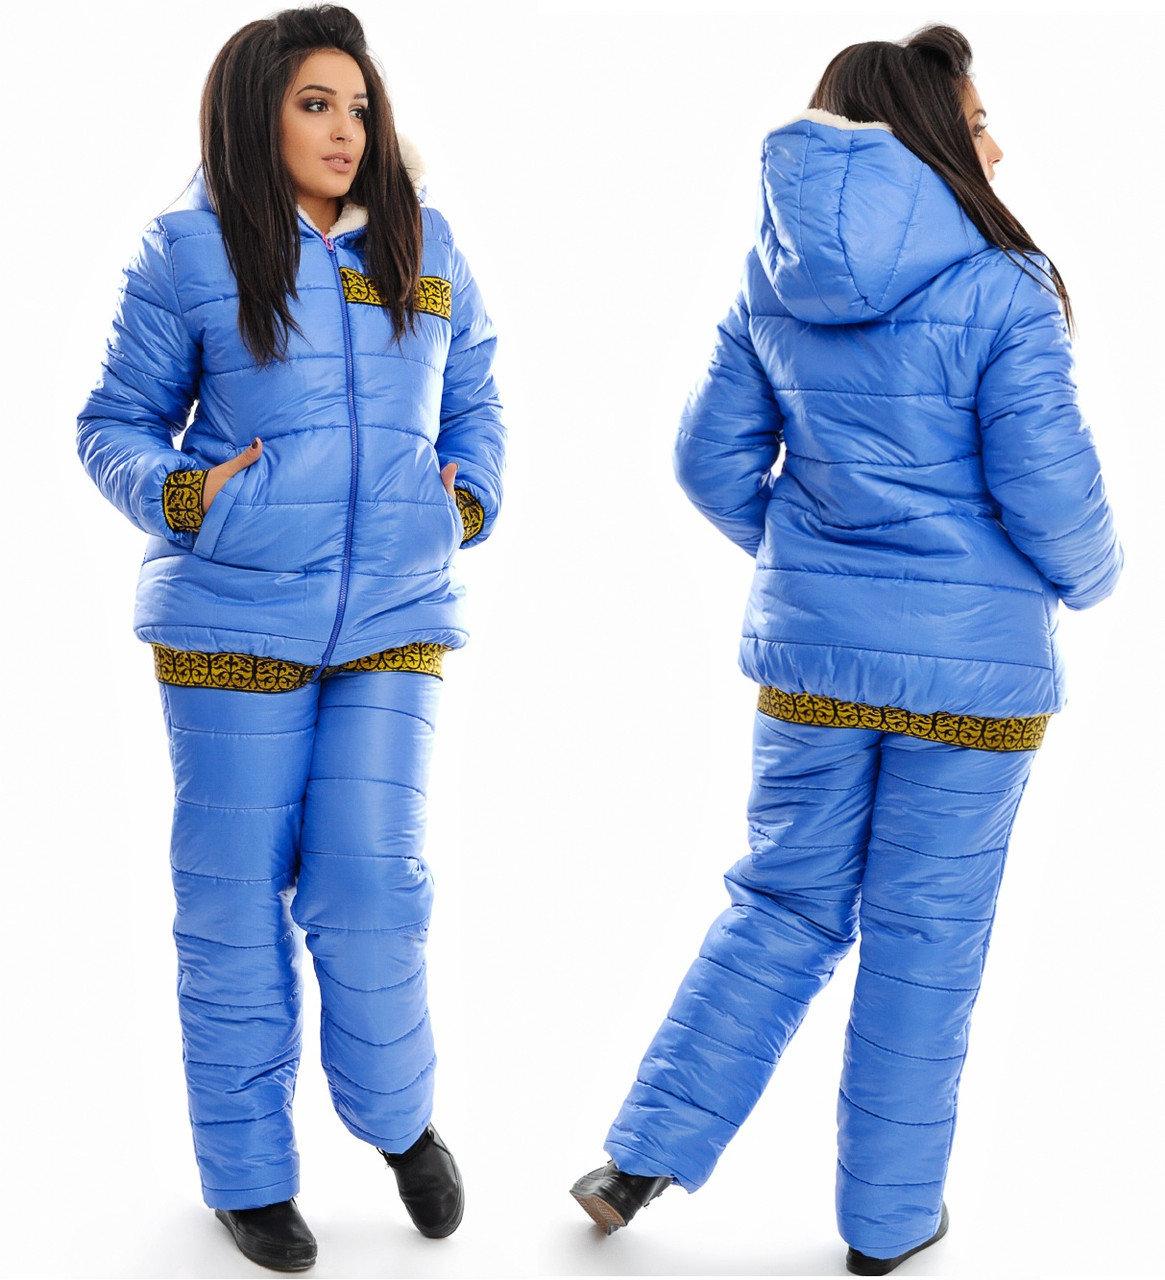 что, если костюмы зимние женские купить для погрузочно-разгрузочных работ